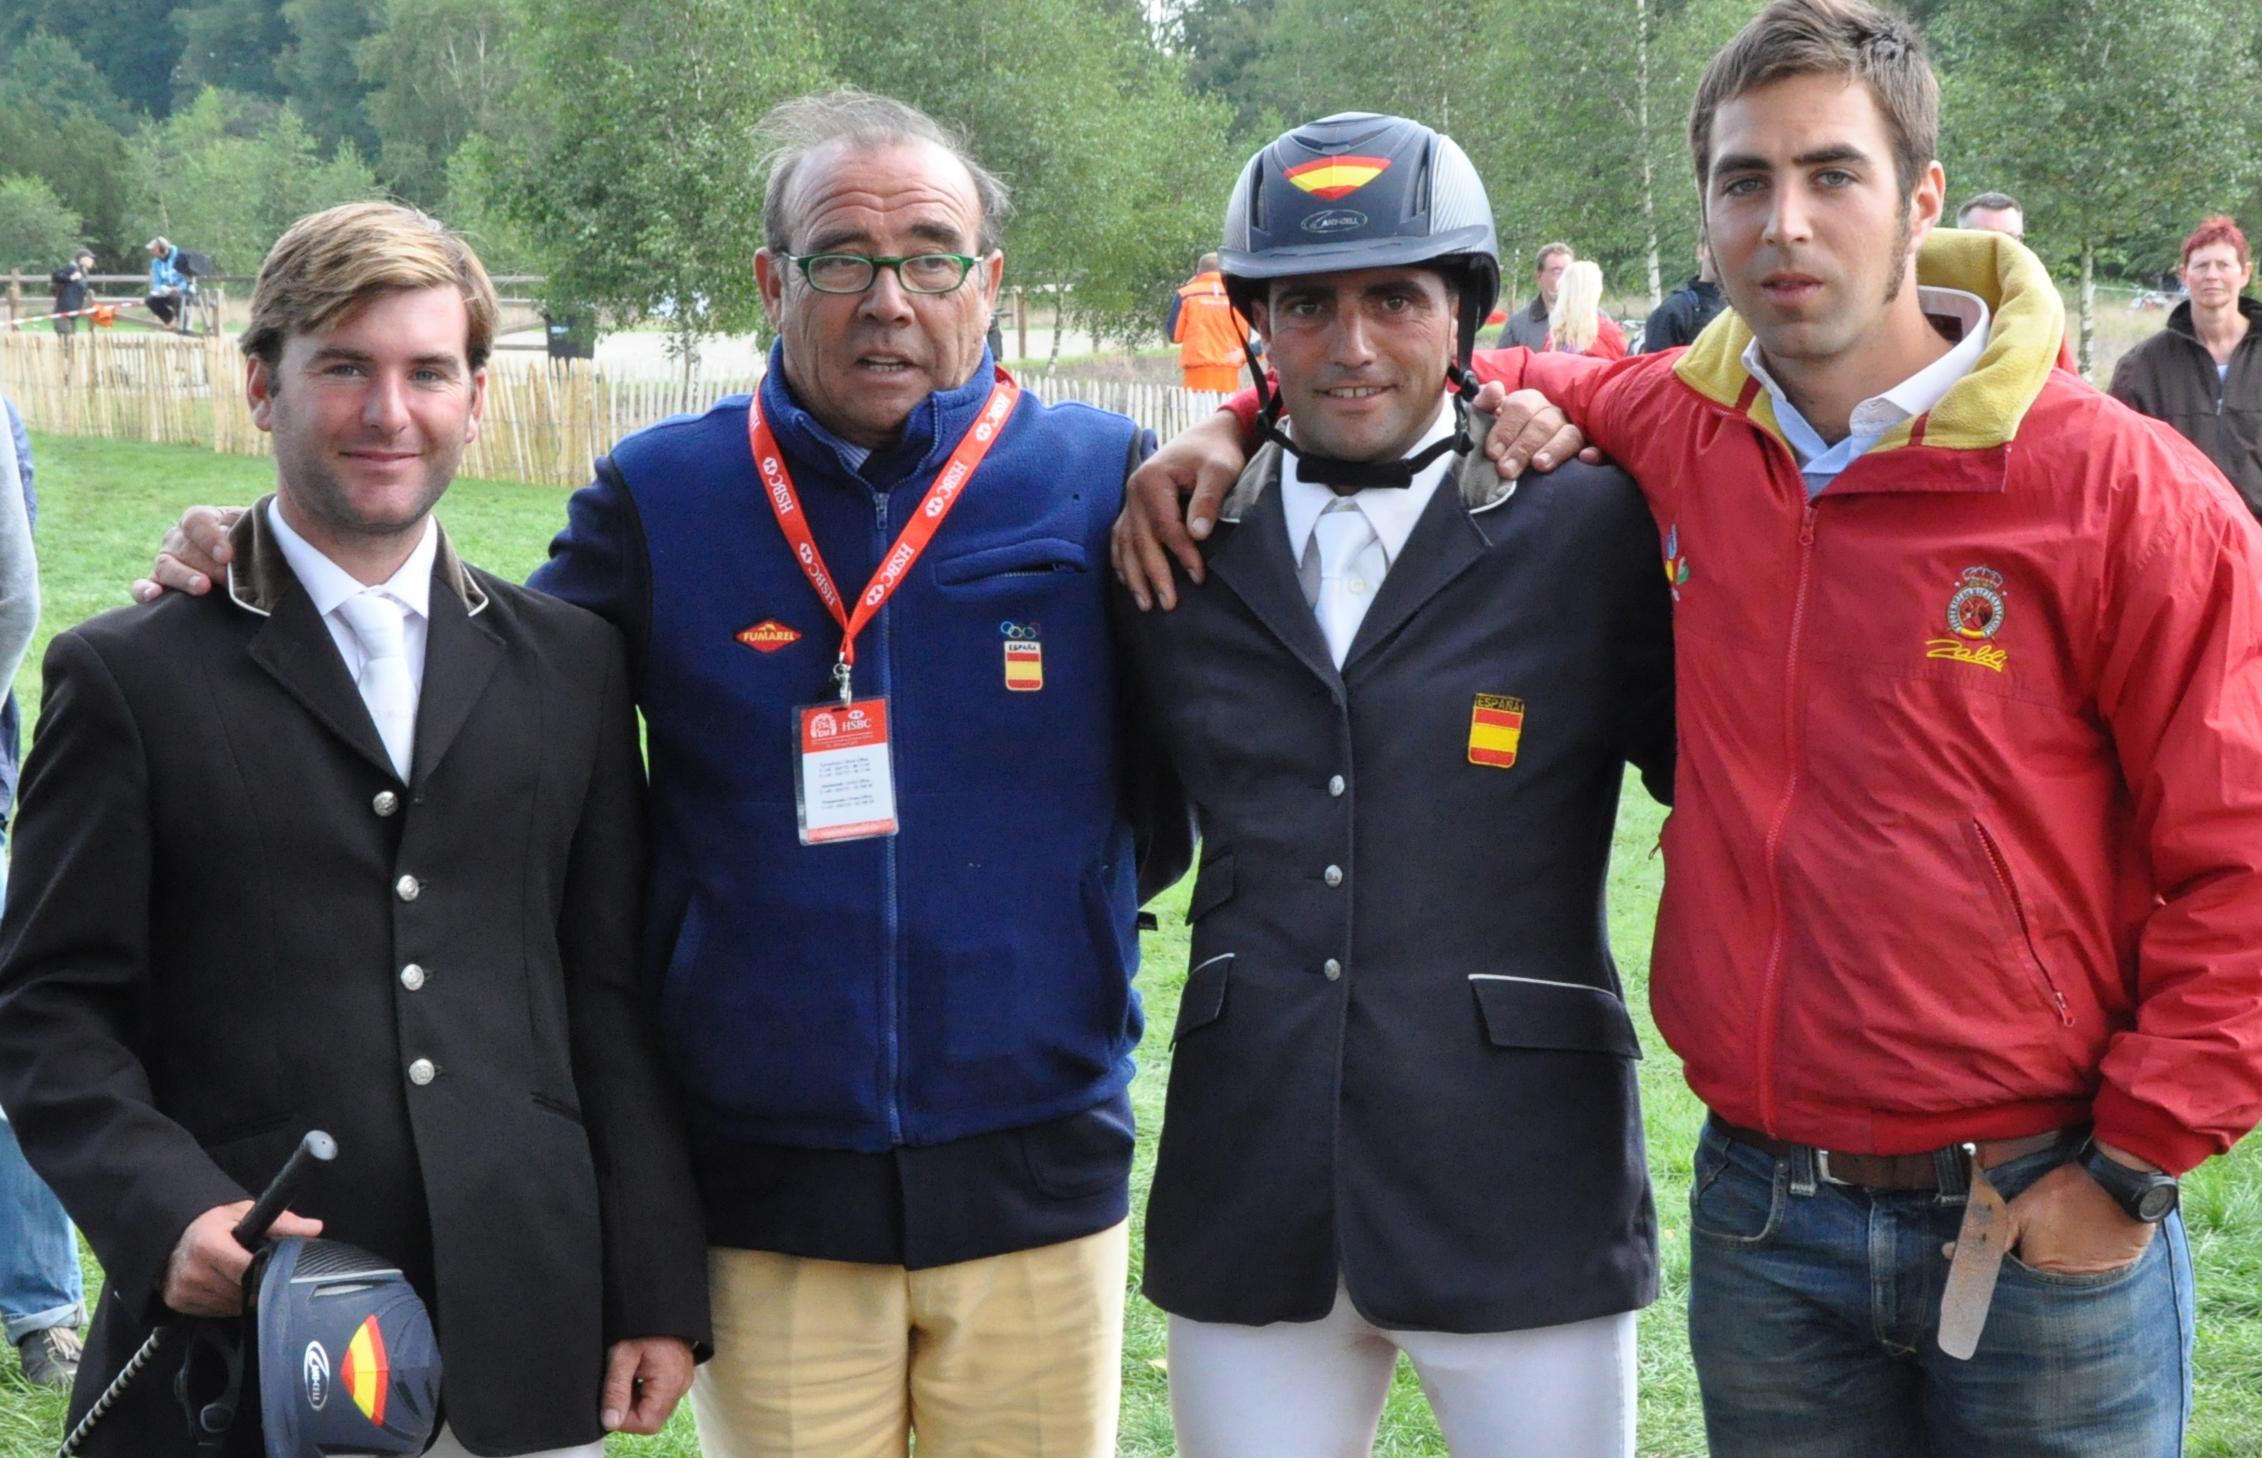 Carlos Díaz, José M. Pérez Arroto, Alber Hermoso y Manu Senra en el Campeonato de Europa 2011